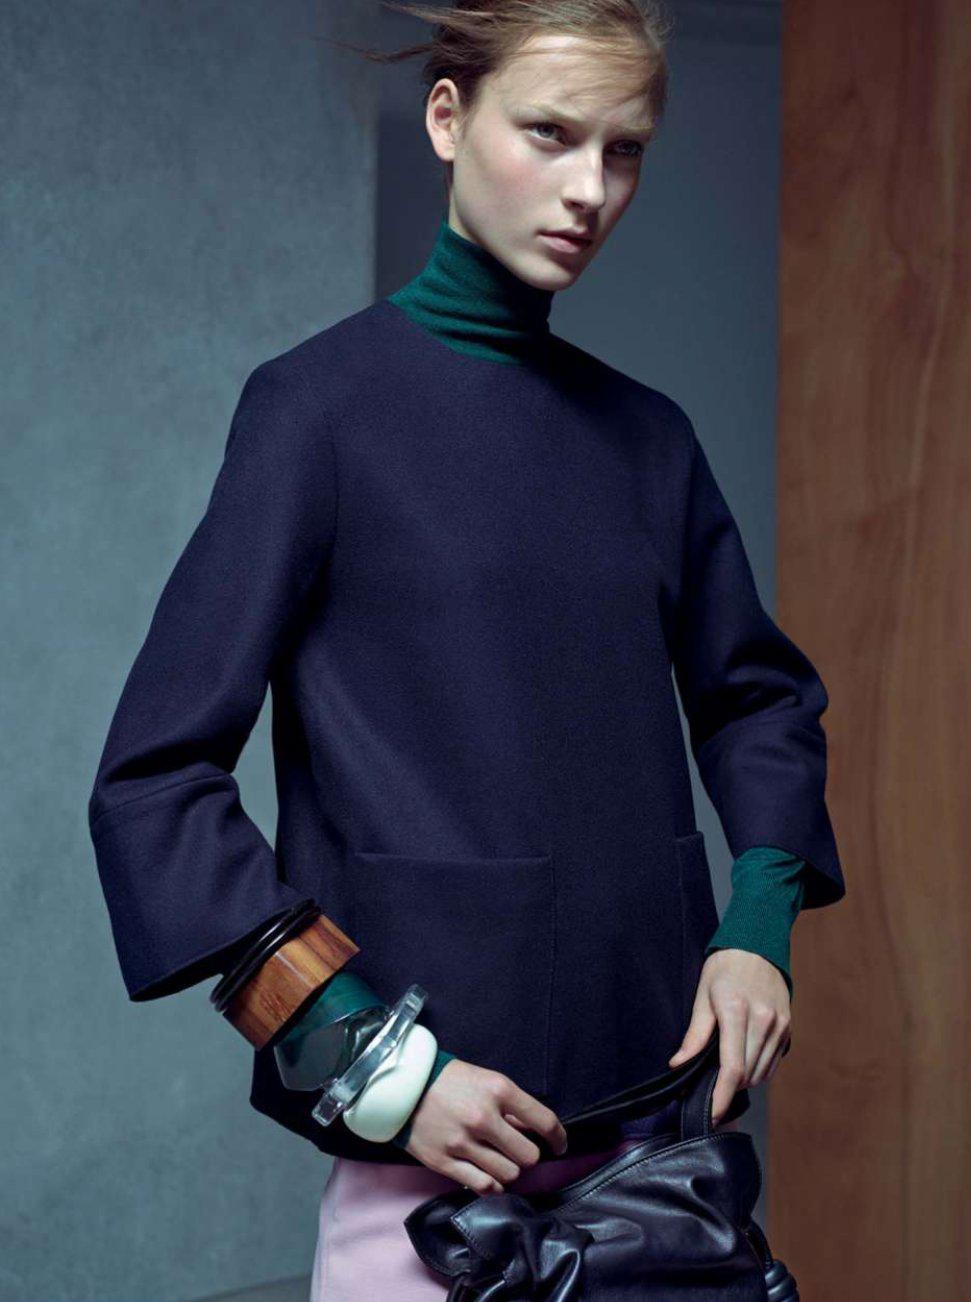 ' Be Precise 'Julia Bergshoeff con el maquillaje de Christelle Coquette, peluqueria por Damien Boissinot, editor de moda por Lucinda Chambers para Vogue UK January 2015 por Karim Sadli ph.